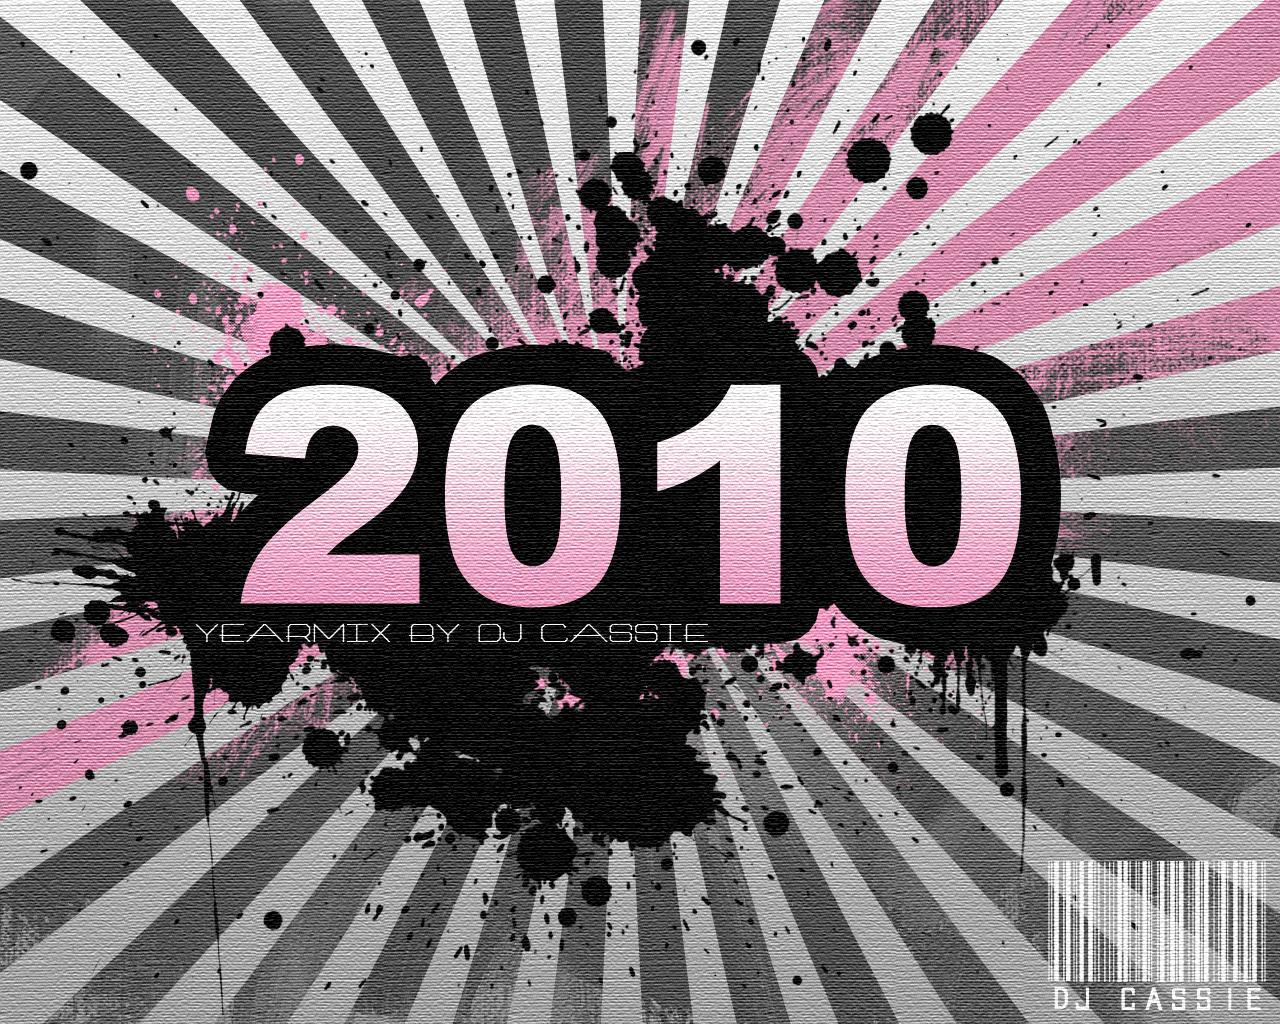 http://1.bp.blogspot.com/_uO4Shjme1i0/TRC7-RZ9B3I/AAAAAAAATd8/OL2Zq2yxna8/s1600/djcassie2010yearmixcove.png